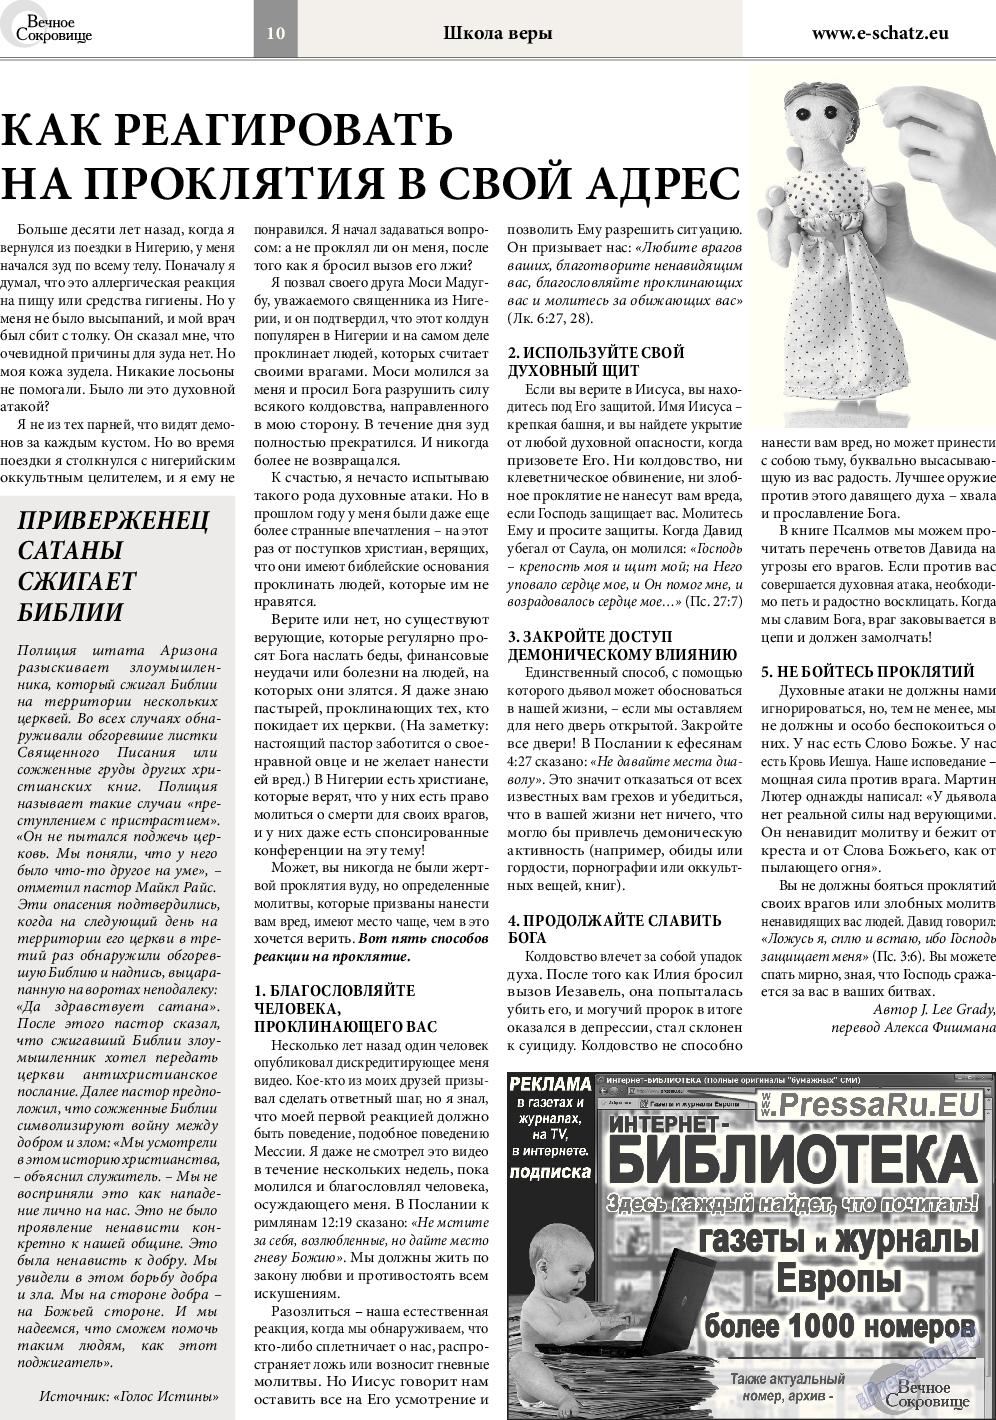 Вечное сокровище (газета). 2014 год, номер 5, стр. 10